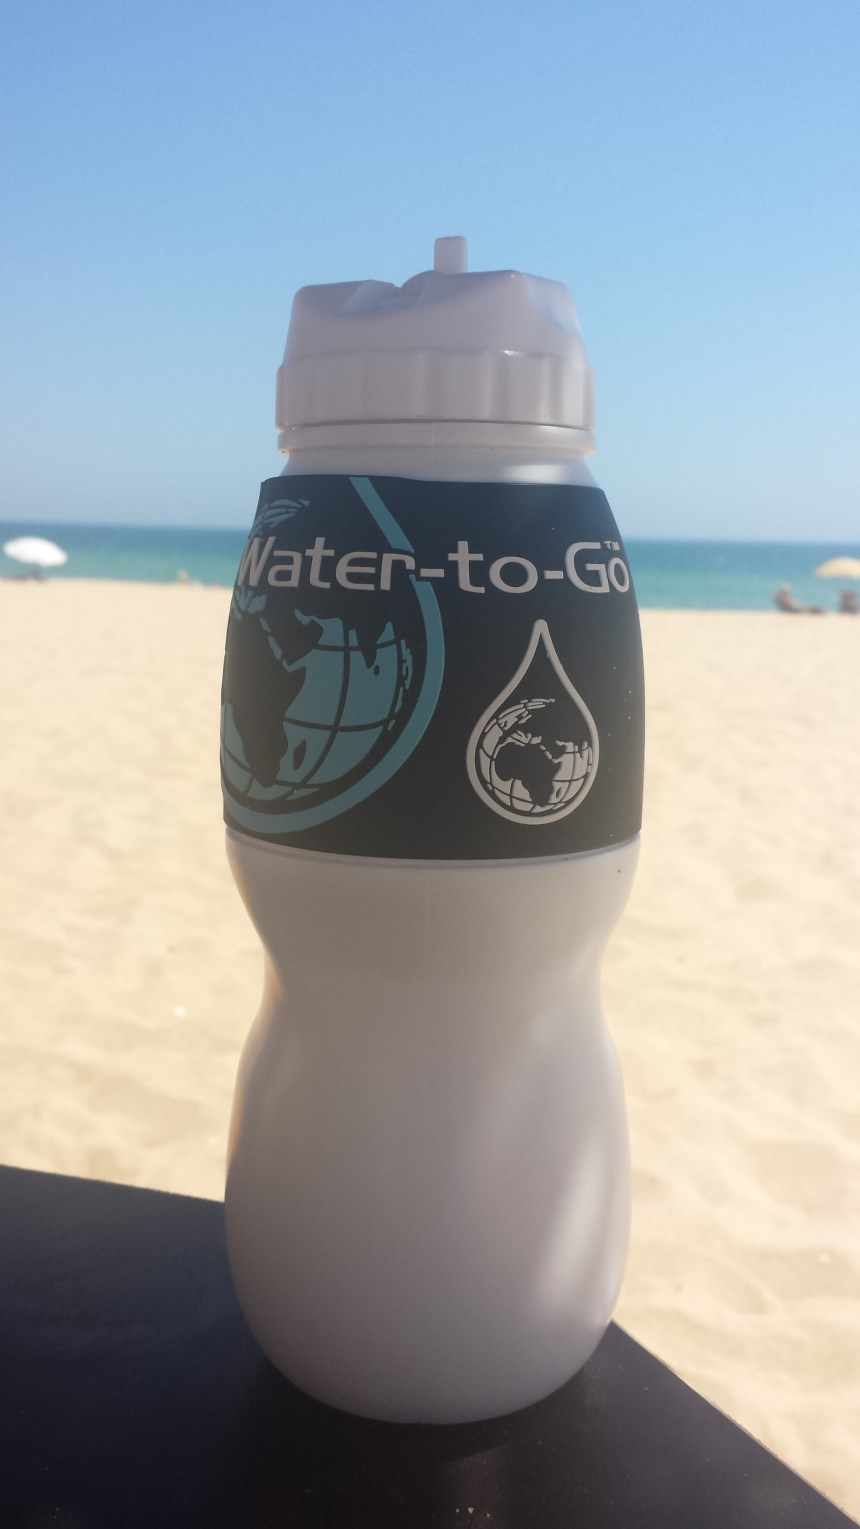 Onmisbaar op reis - waterfilter water to go